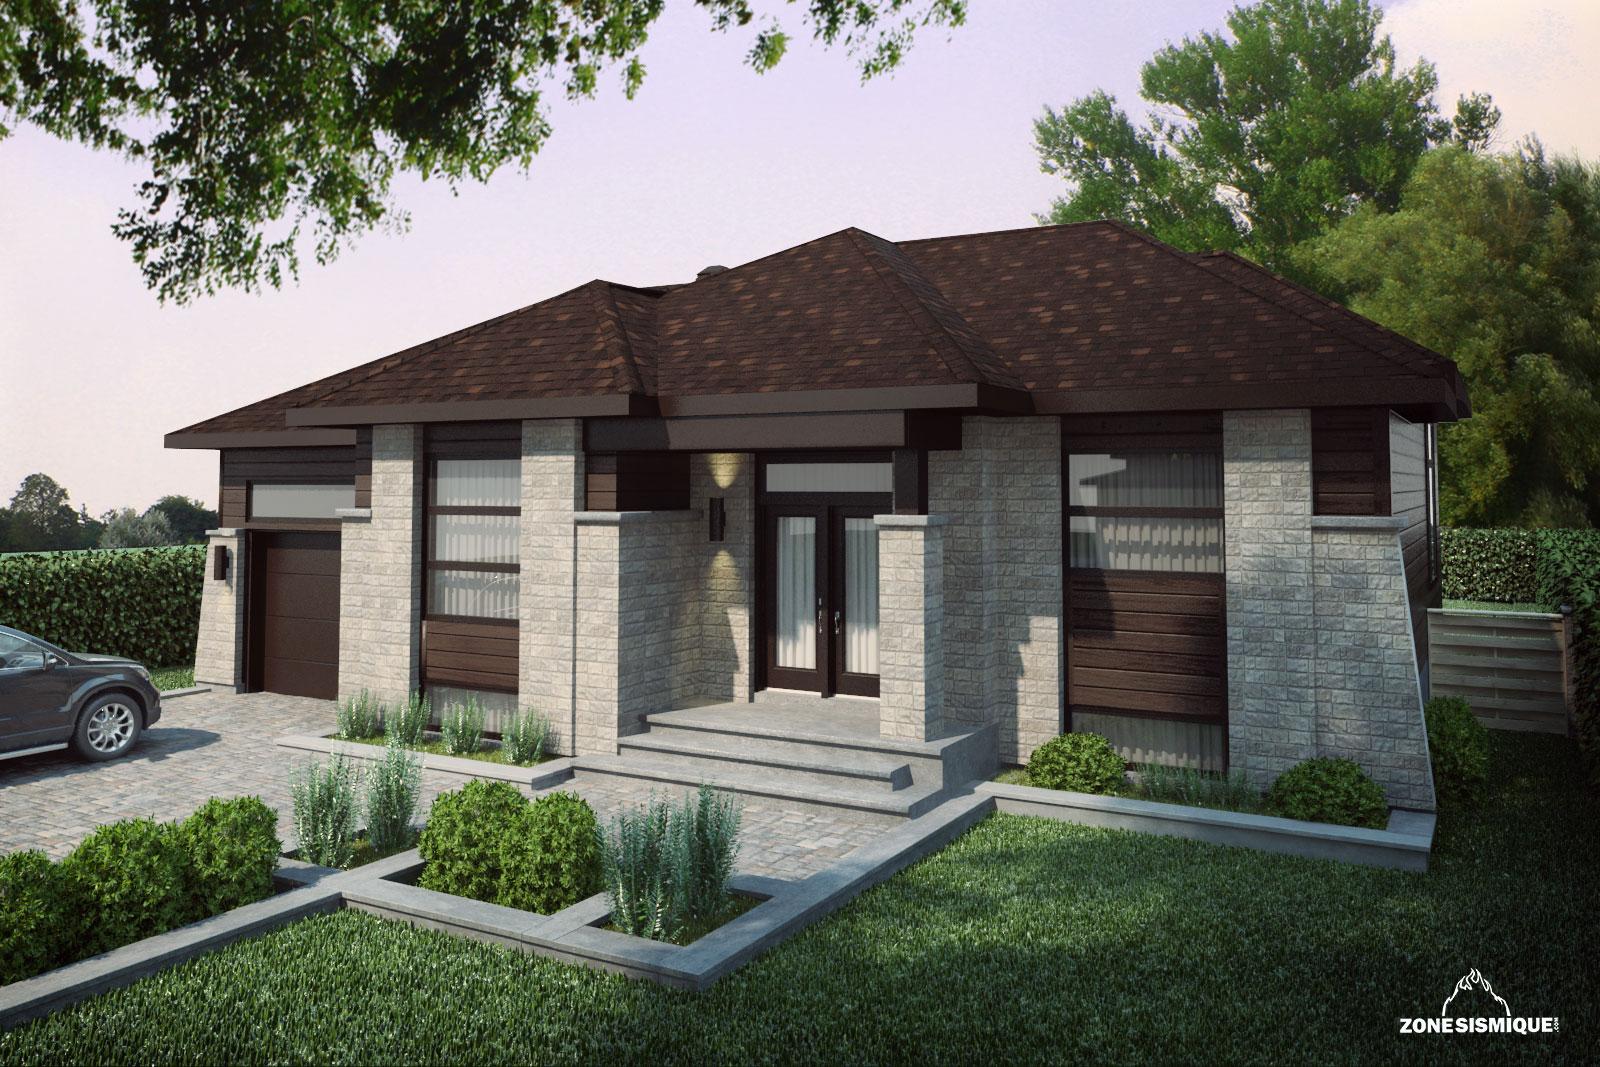 Maisons malie zone sismique design visualisation 3d photor aliste - Couleur de gevel de maison moderne ...